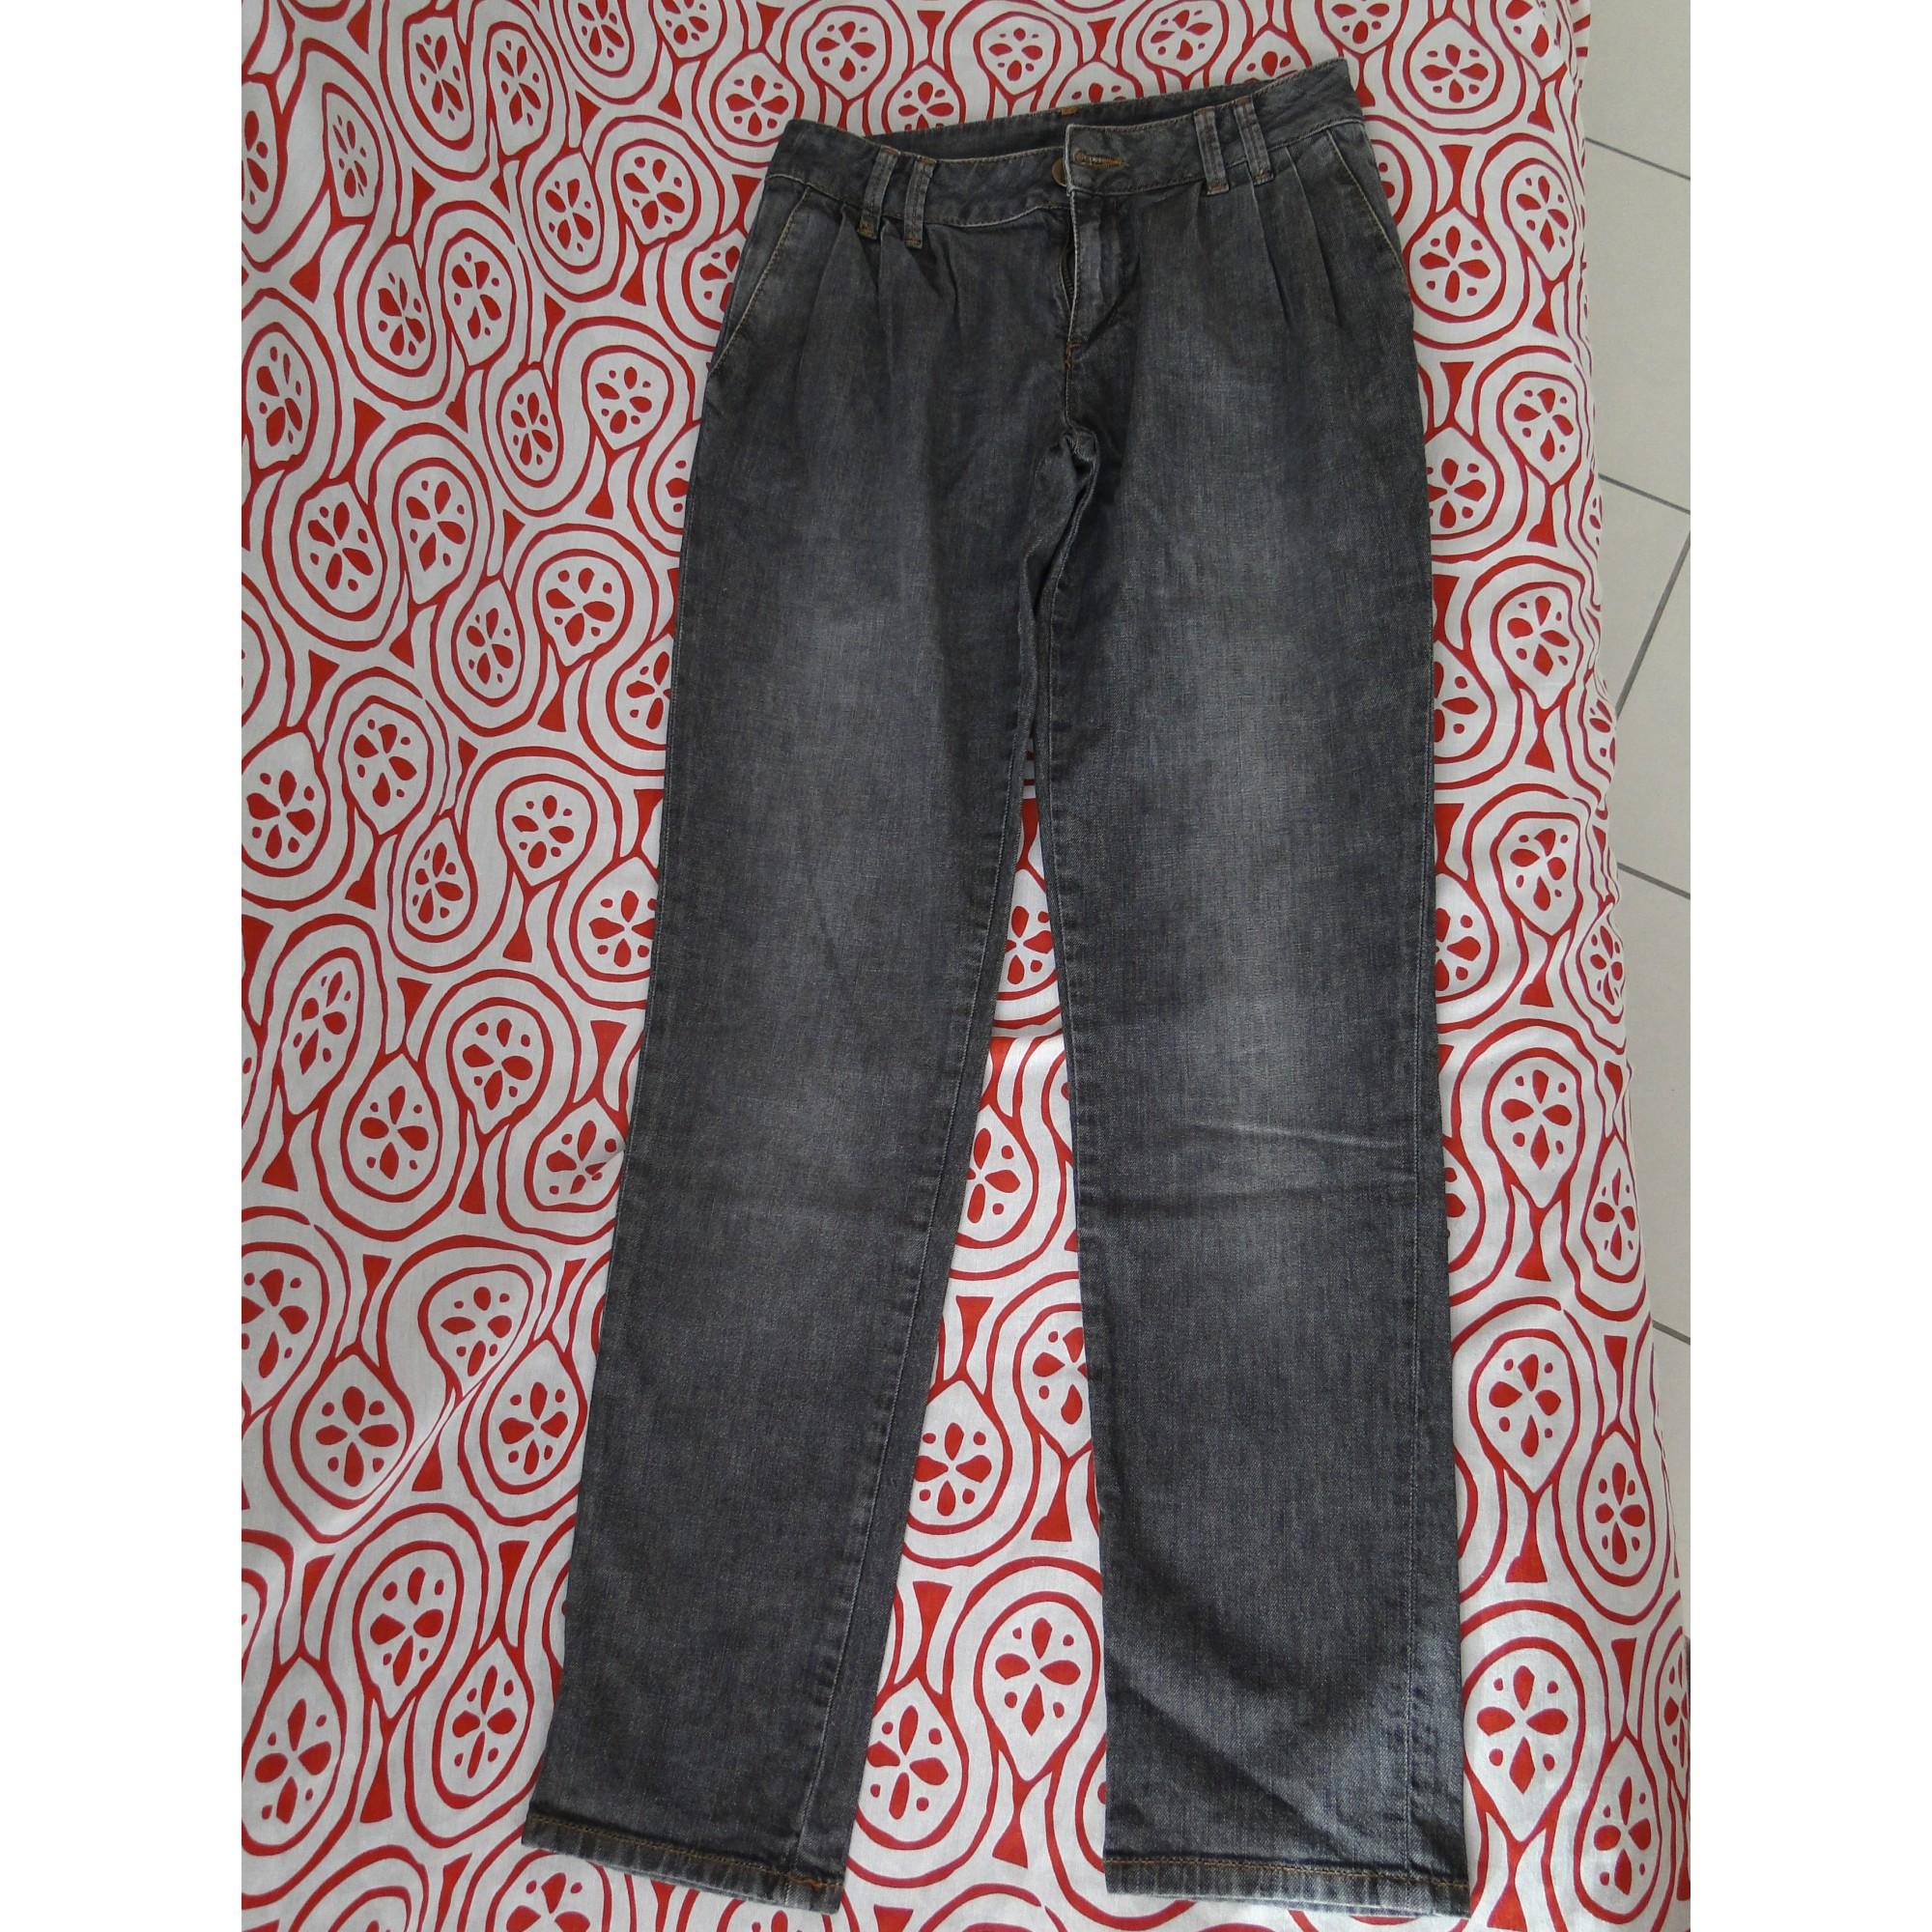 33b4af8bdf459 Jeans large, boyfriend NAF NAF W25 (T 34) gris - 5852180